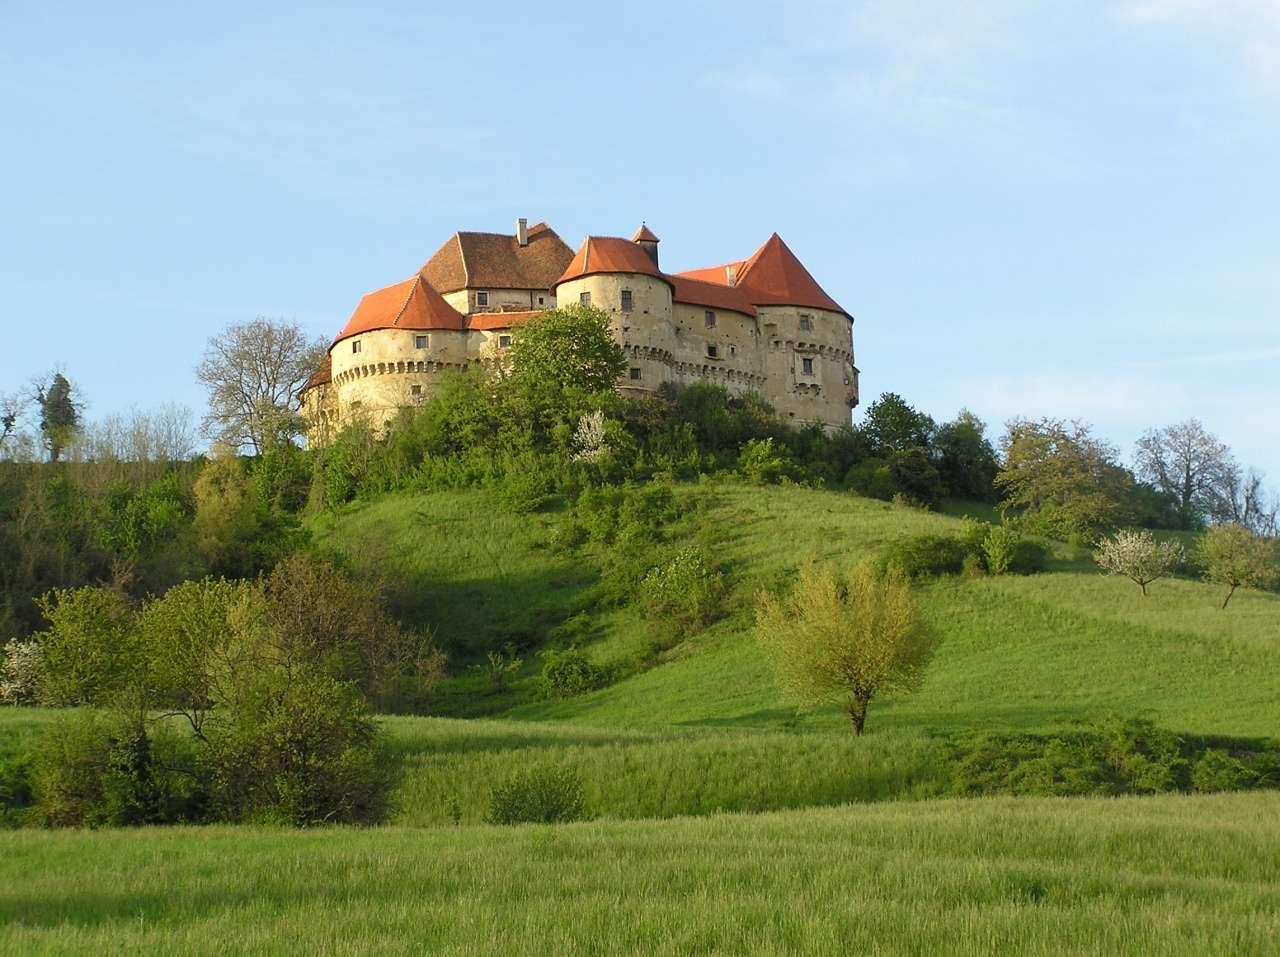 Castelul Veliki Tabor Croația (14×11)